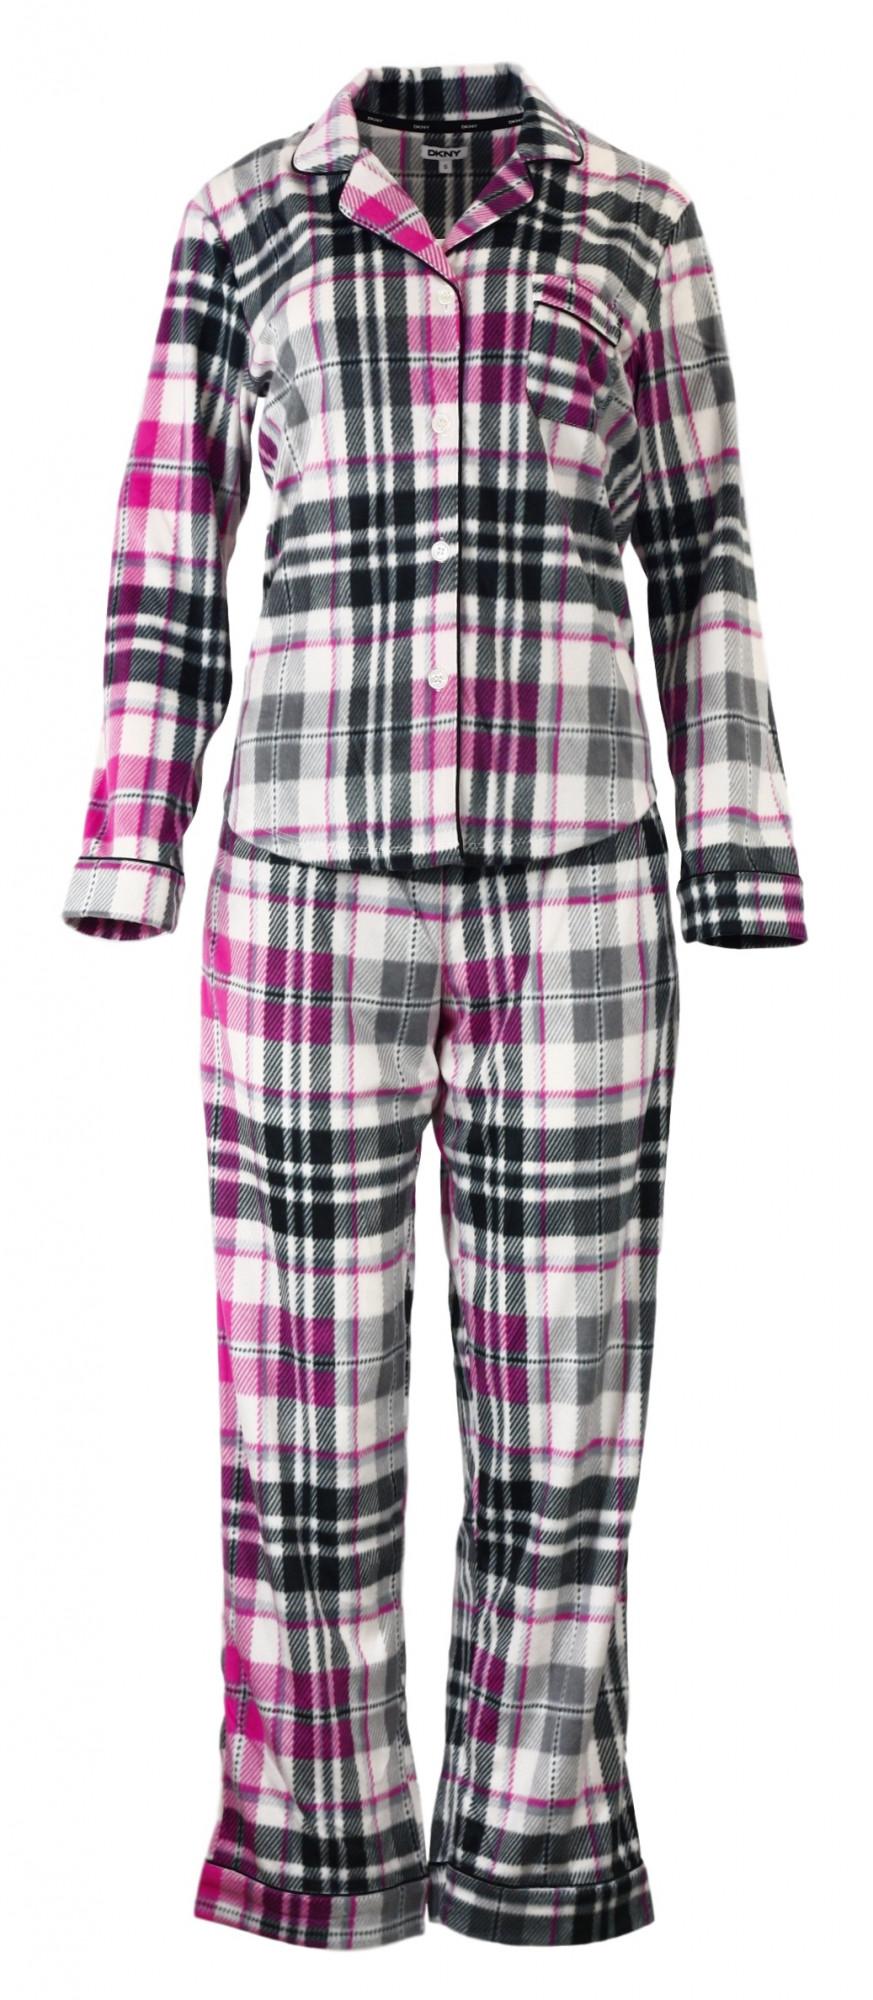 Dámské pyžamo YI2713489 - DKNY Barva: růžovo-šedé káro, Velikost: XS